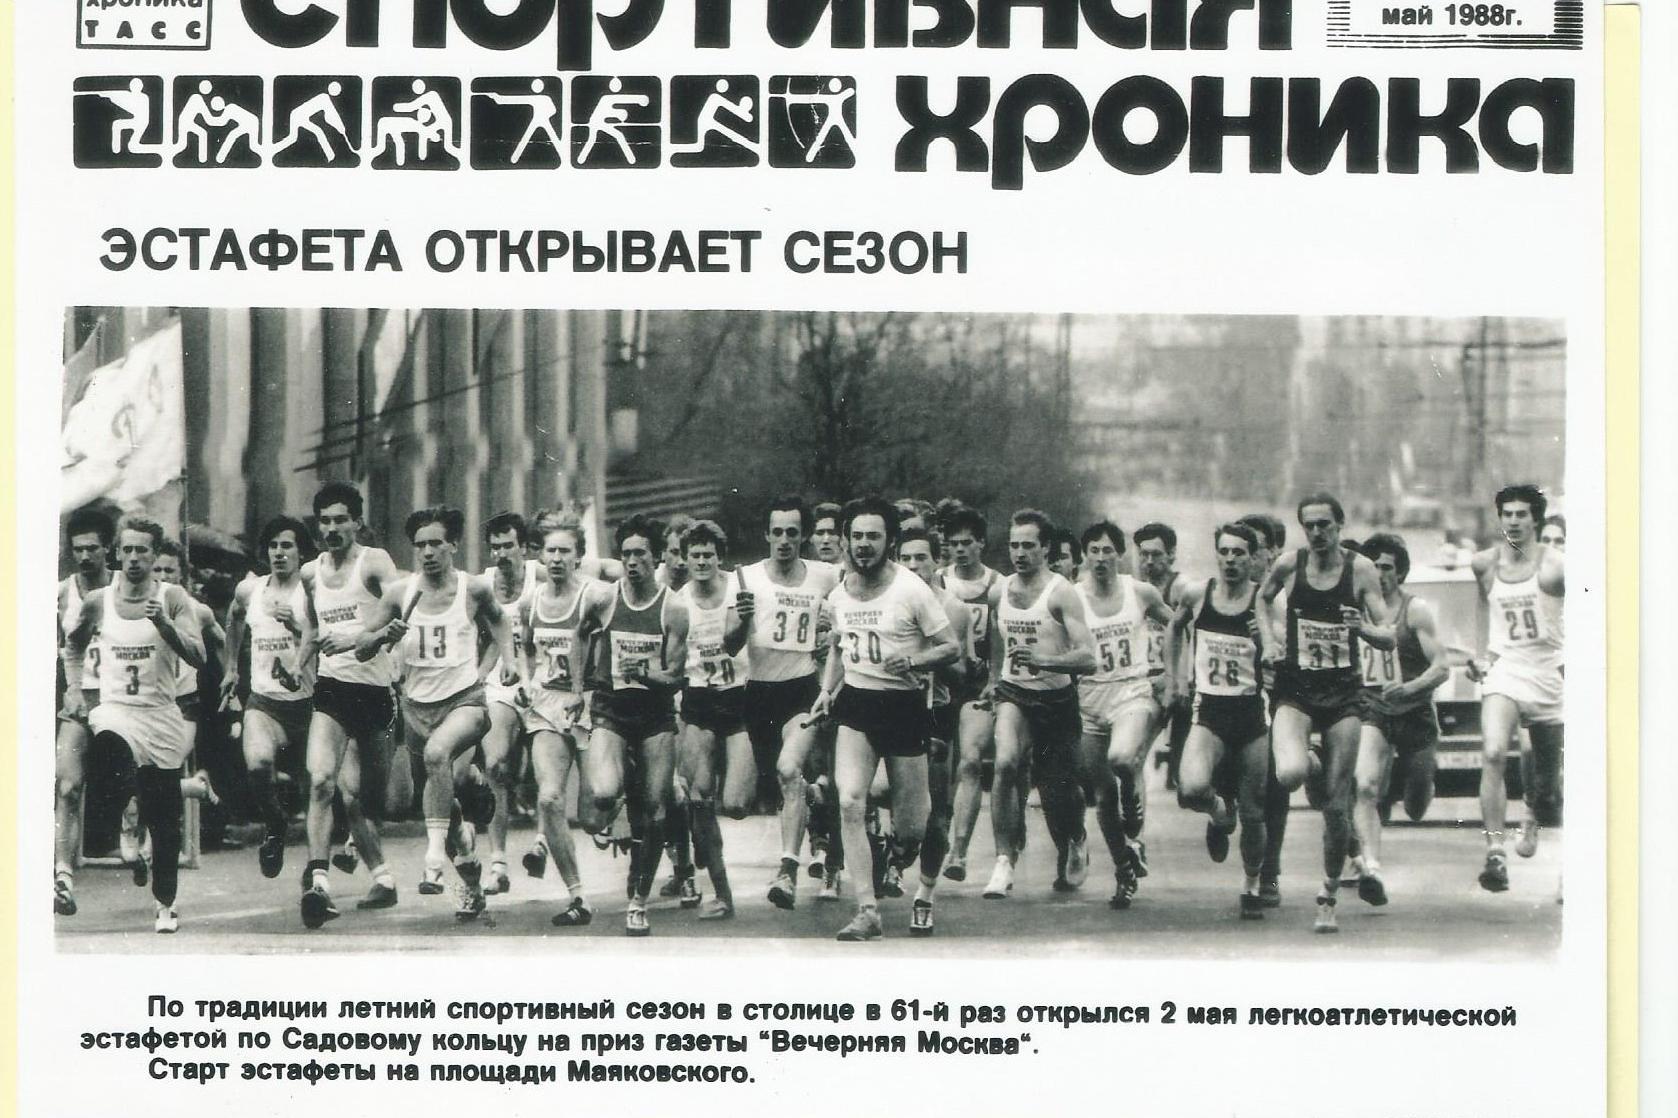 Владислав (на фото слева, под номером 3) регулярно занимал призовые места на соревнованиях, становился чемпионом СССР<br><br>&nbsp;